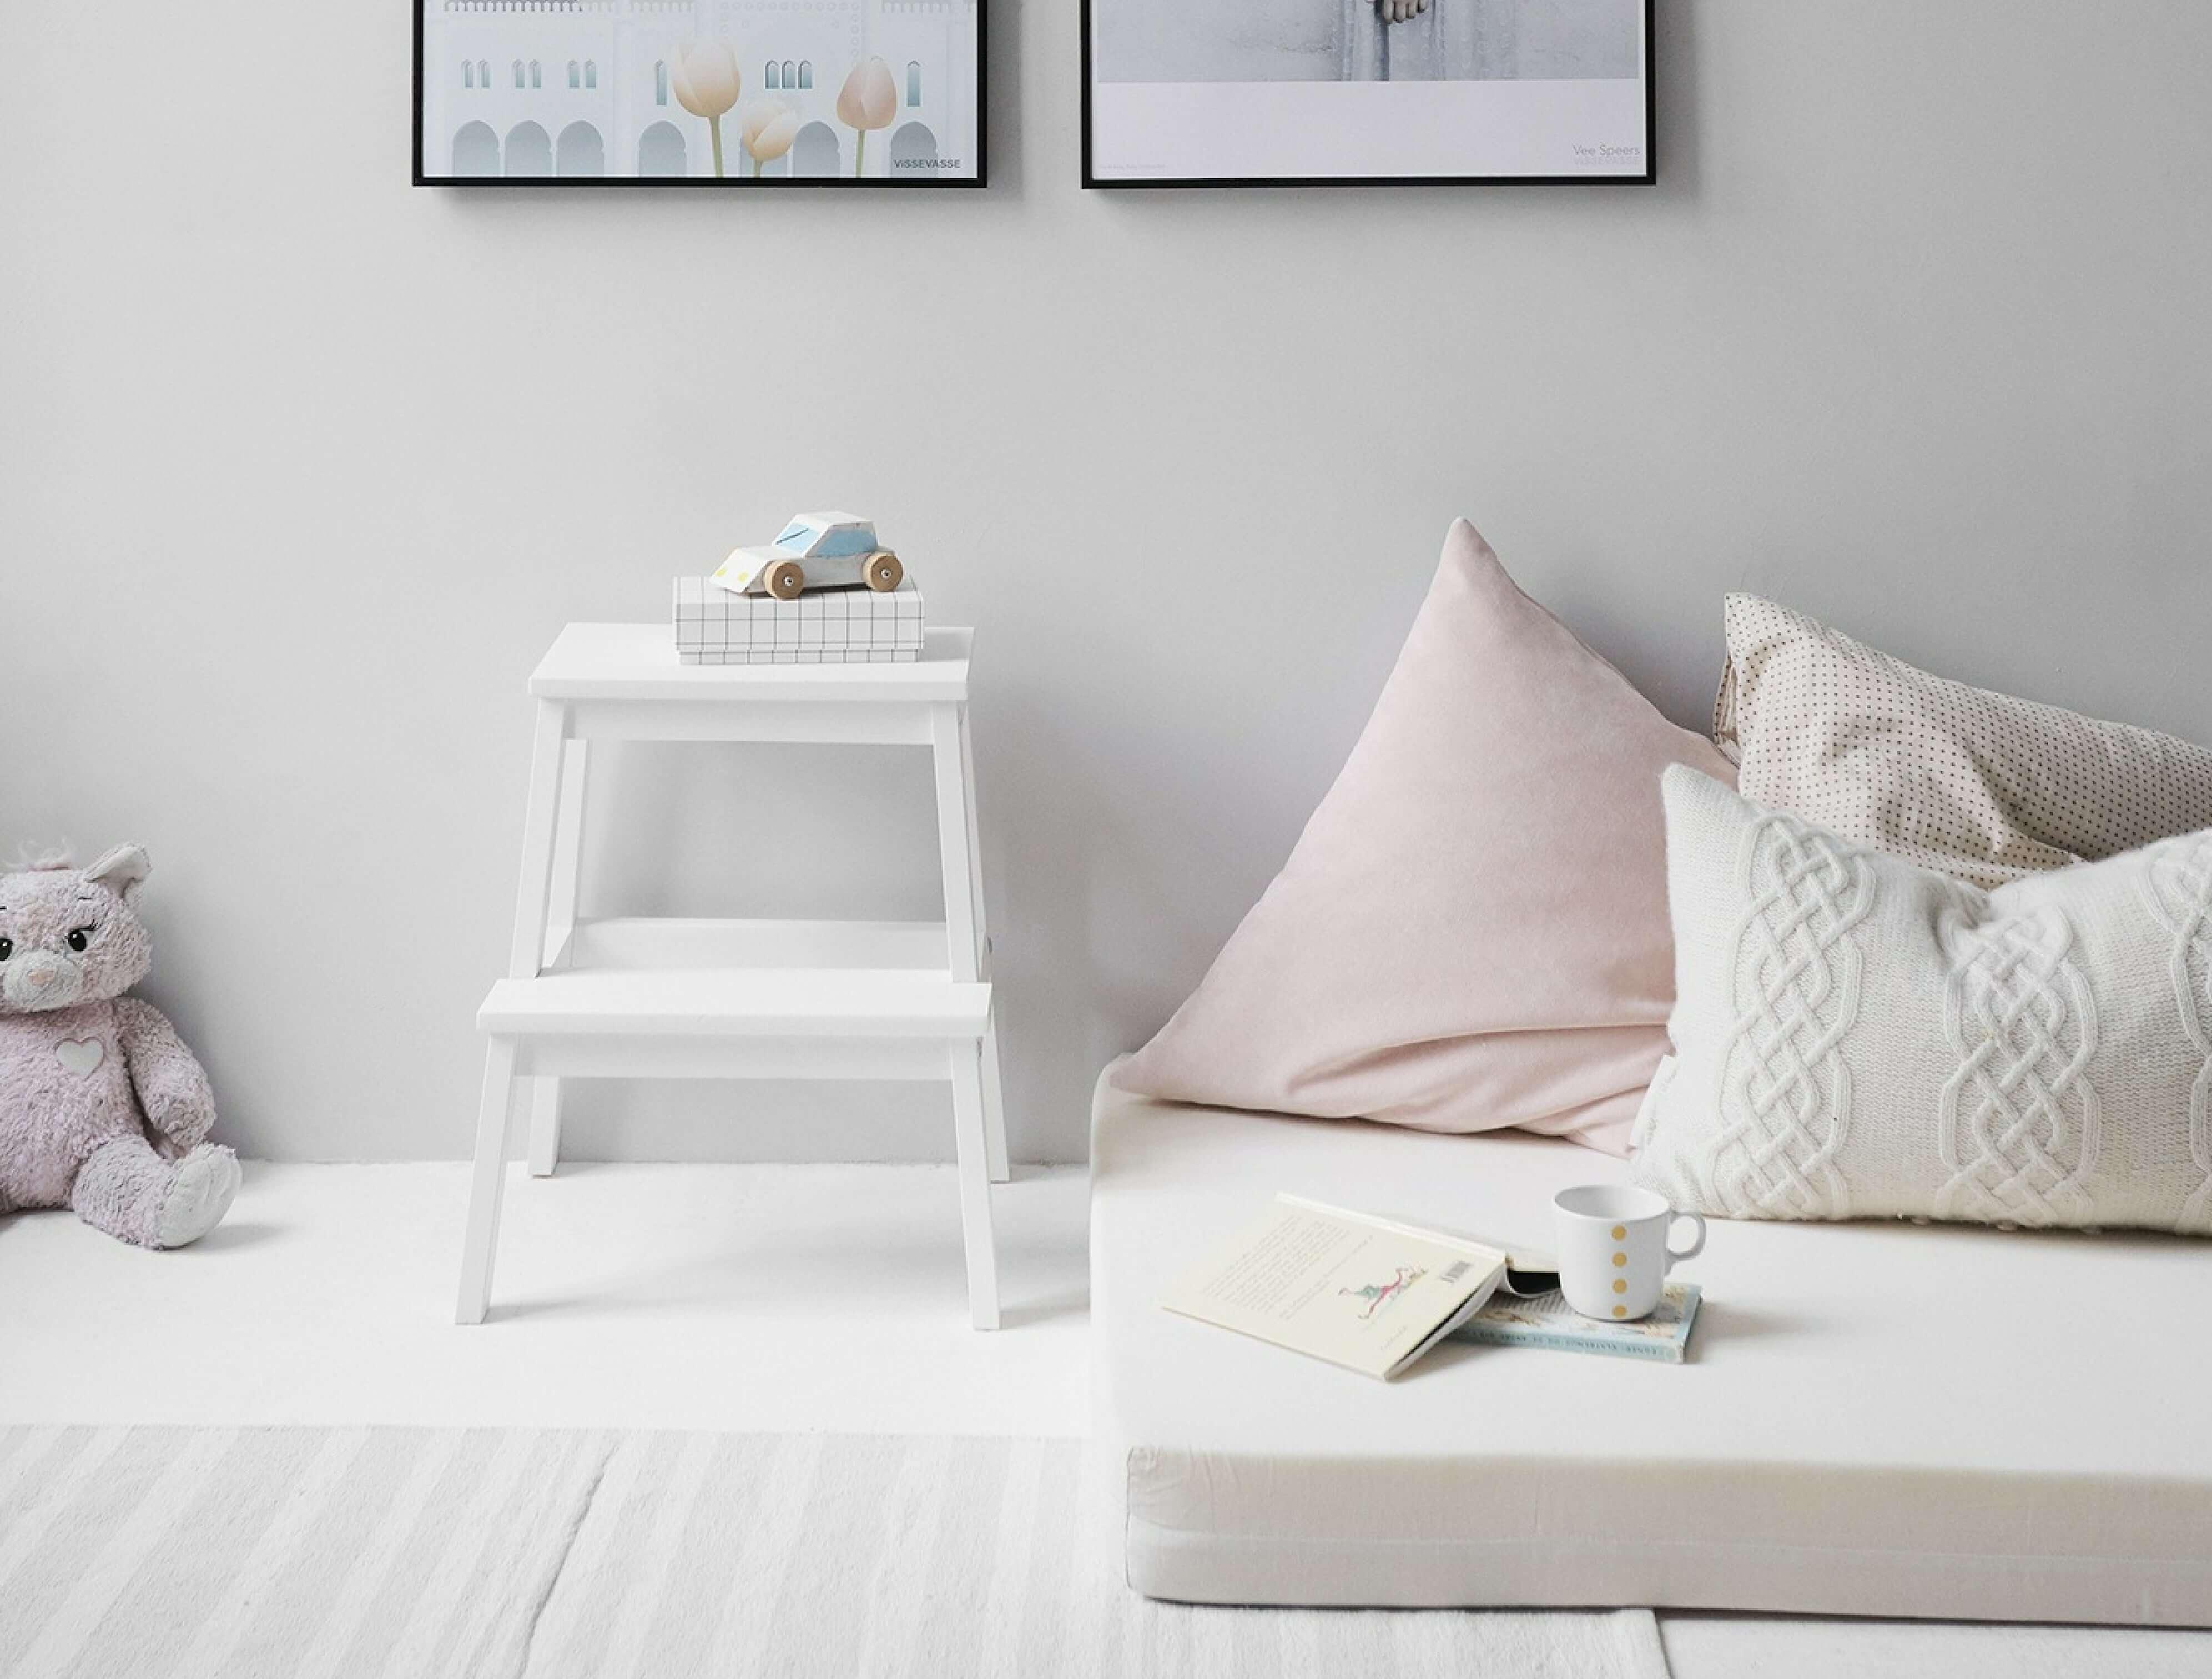 Jak Urządzić Małą Sypialnię Unikalne Tekstylia Do Domu